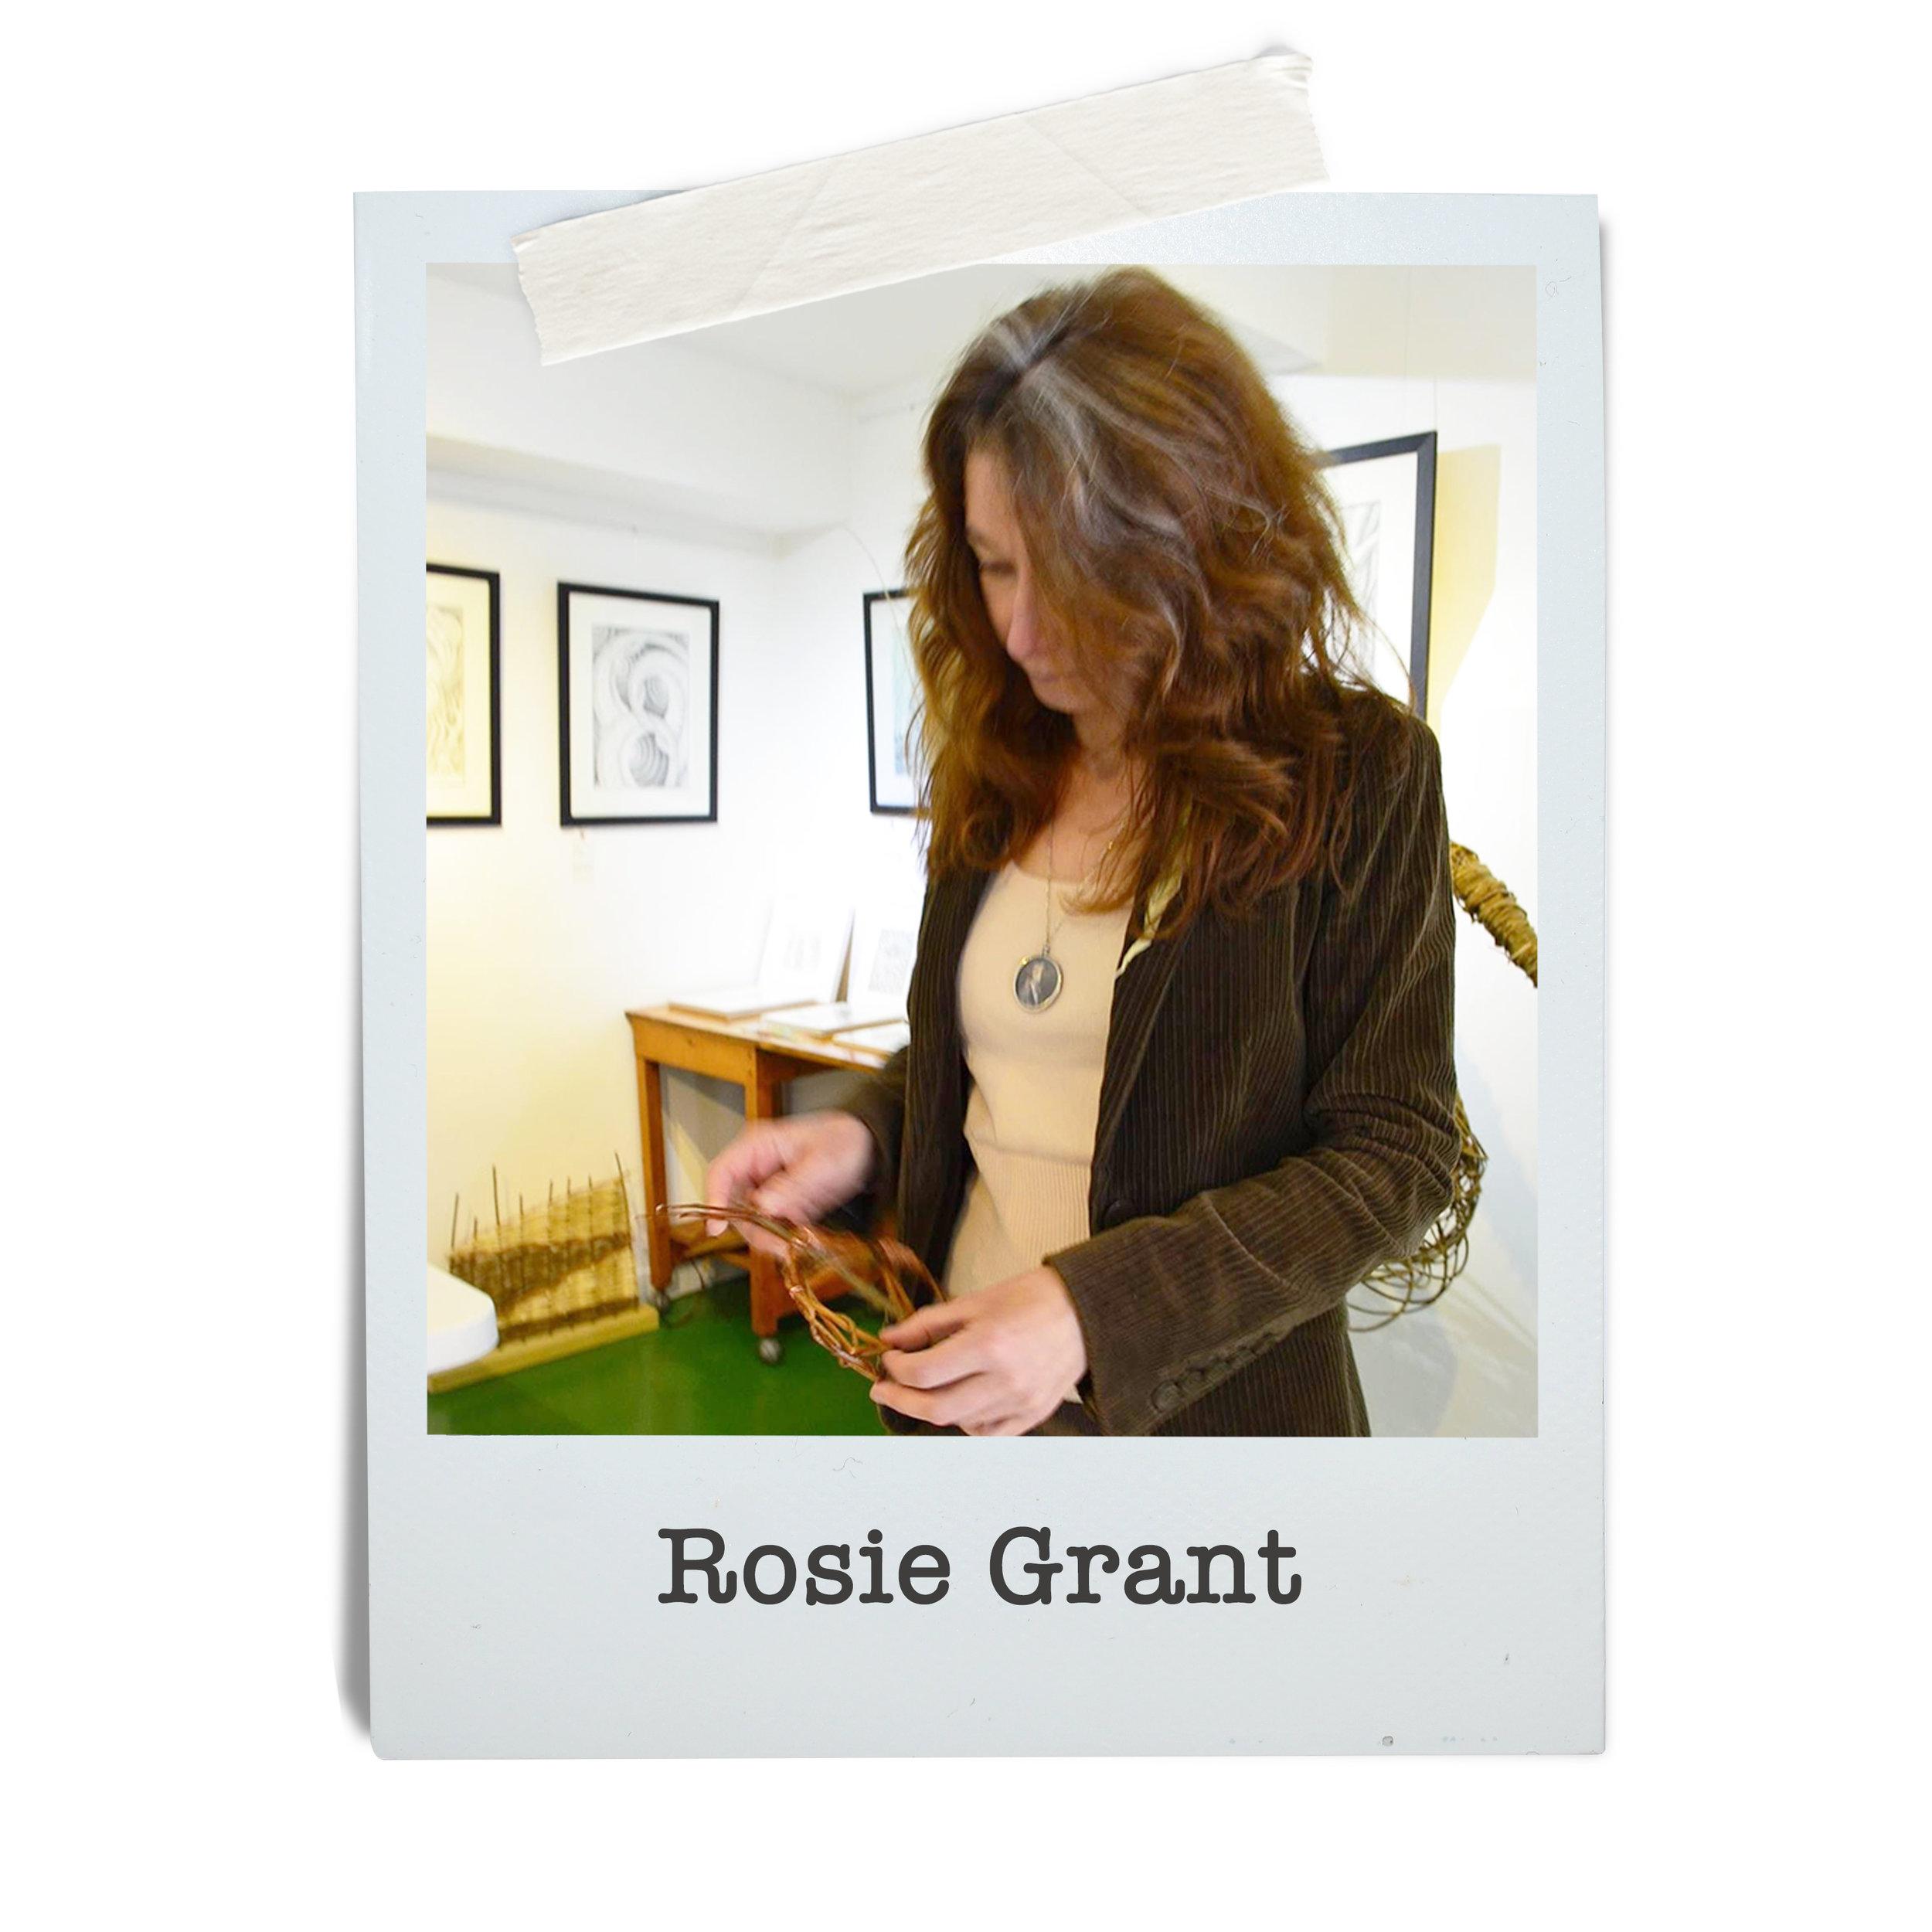 Rosie Grant